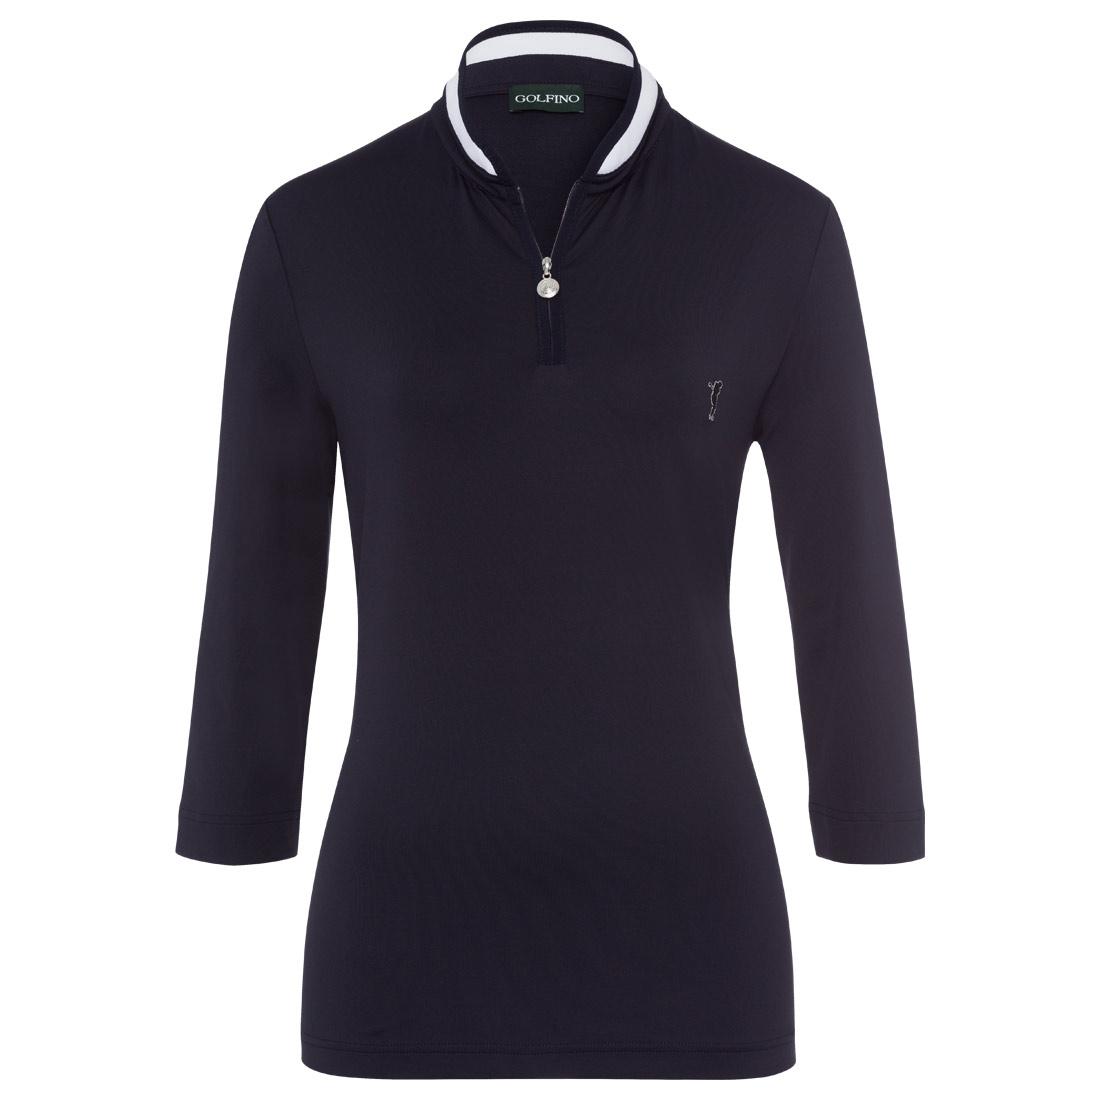 Damen Polo mit Troyer-Kragen und 3/4-Ärmeln aus feuchtigkeitsregulierendem Stoff